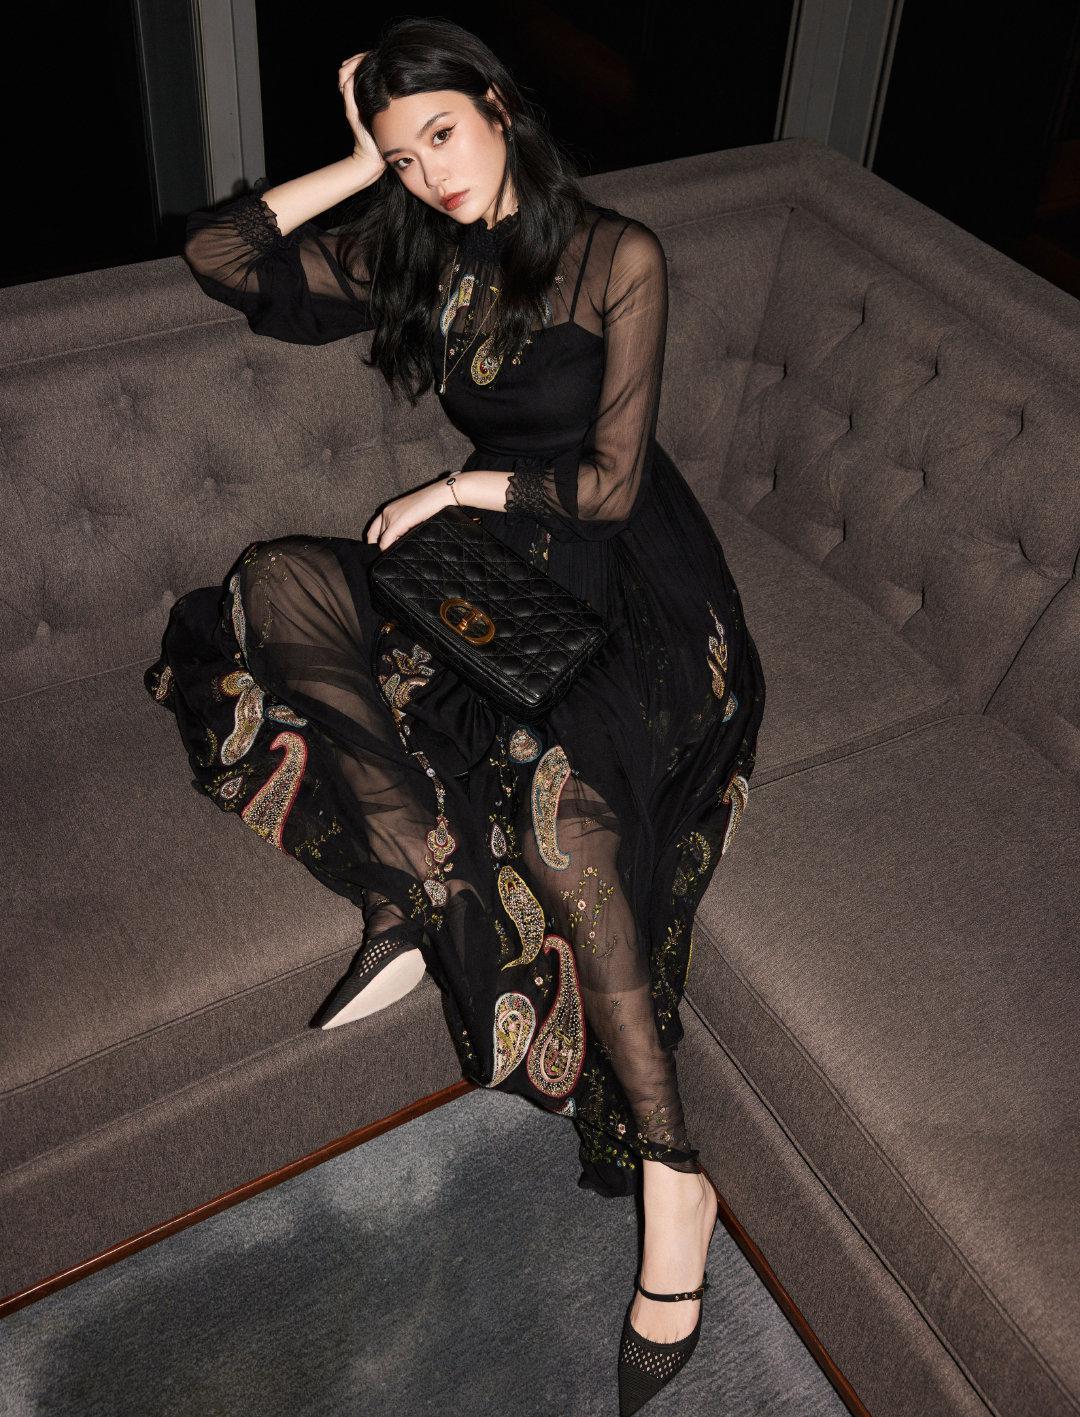 身着dior2021春夏系列绣片装饰黑色透视连身长裙……